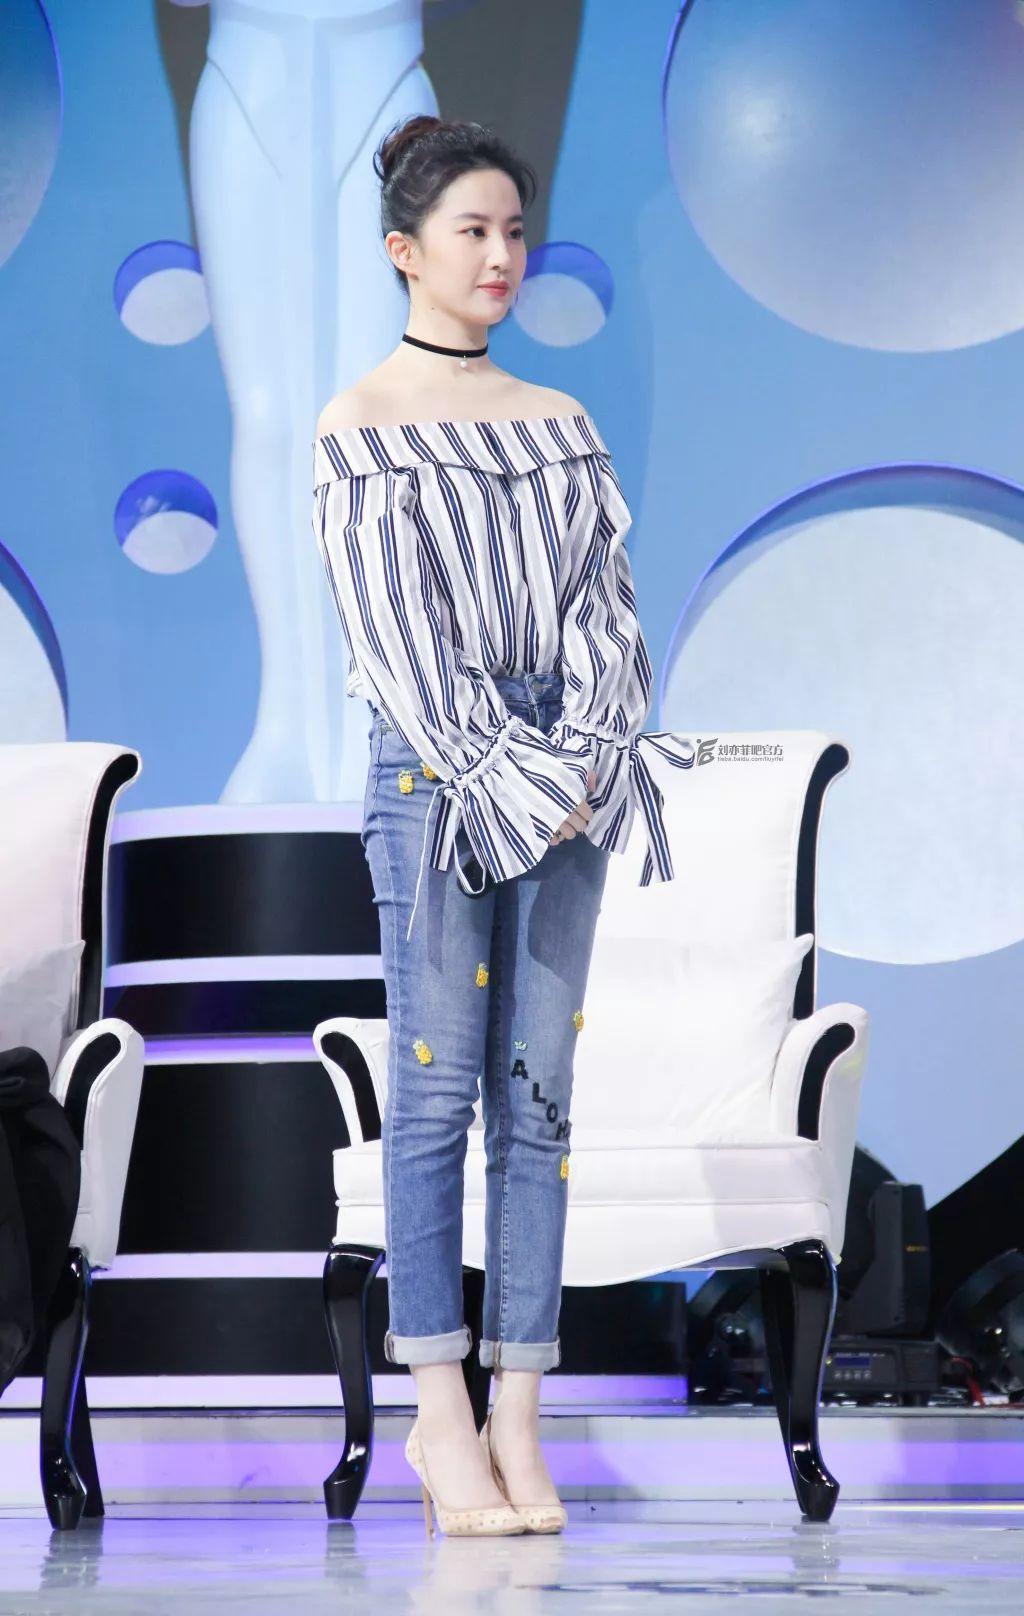 有刘亦菲的脚图片吗!_今冬有了赵丽颖热巴同款瘦腿教程,稳穿3条秋裤也不显腿粗!